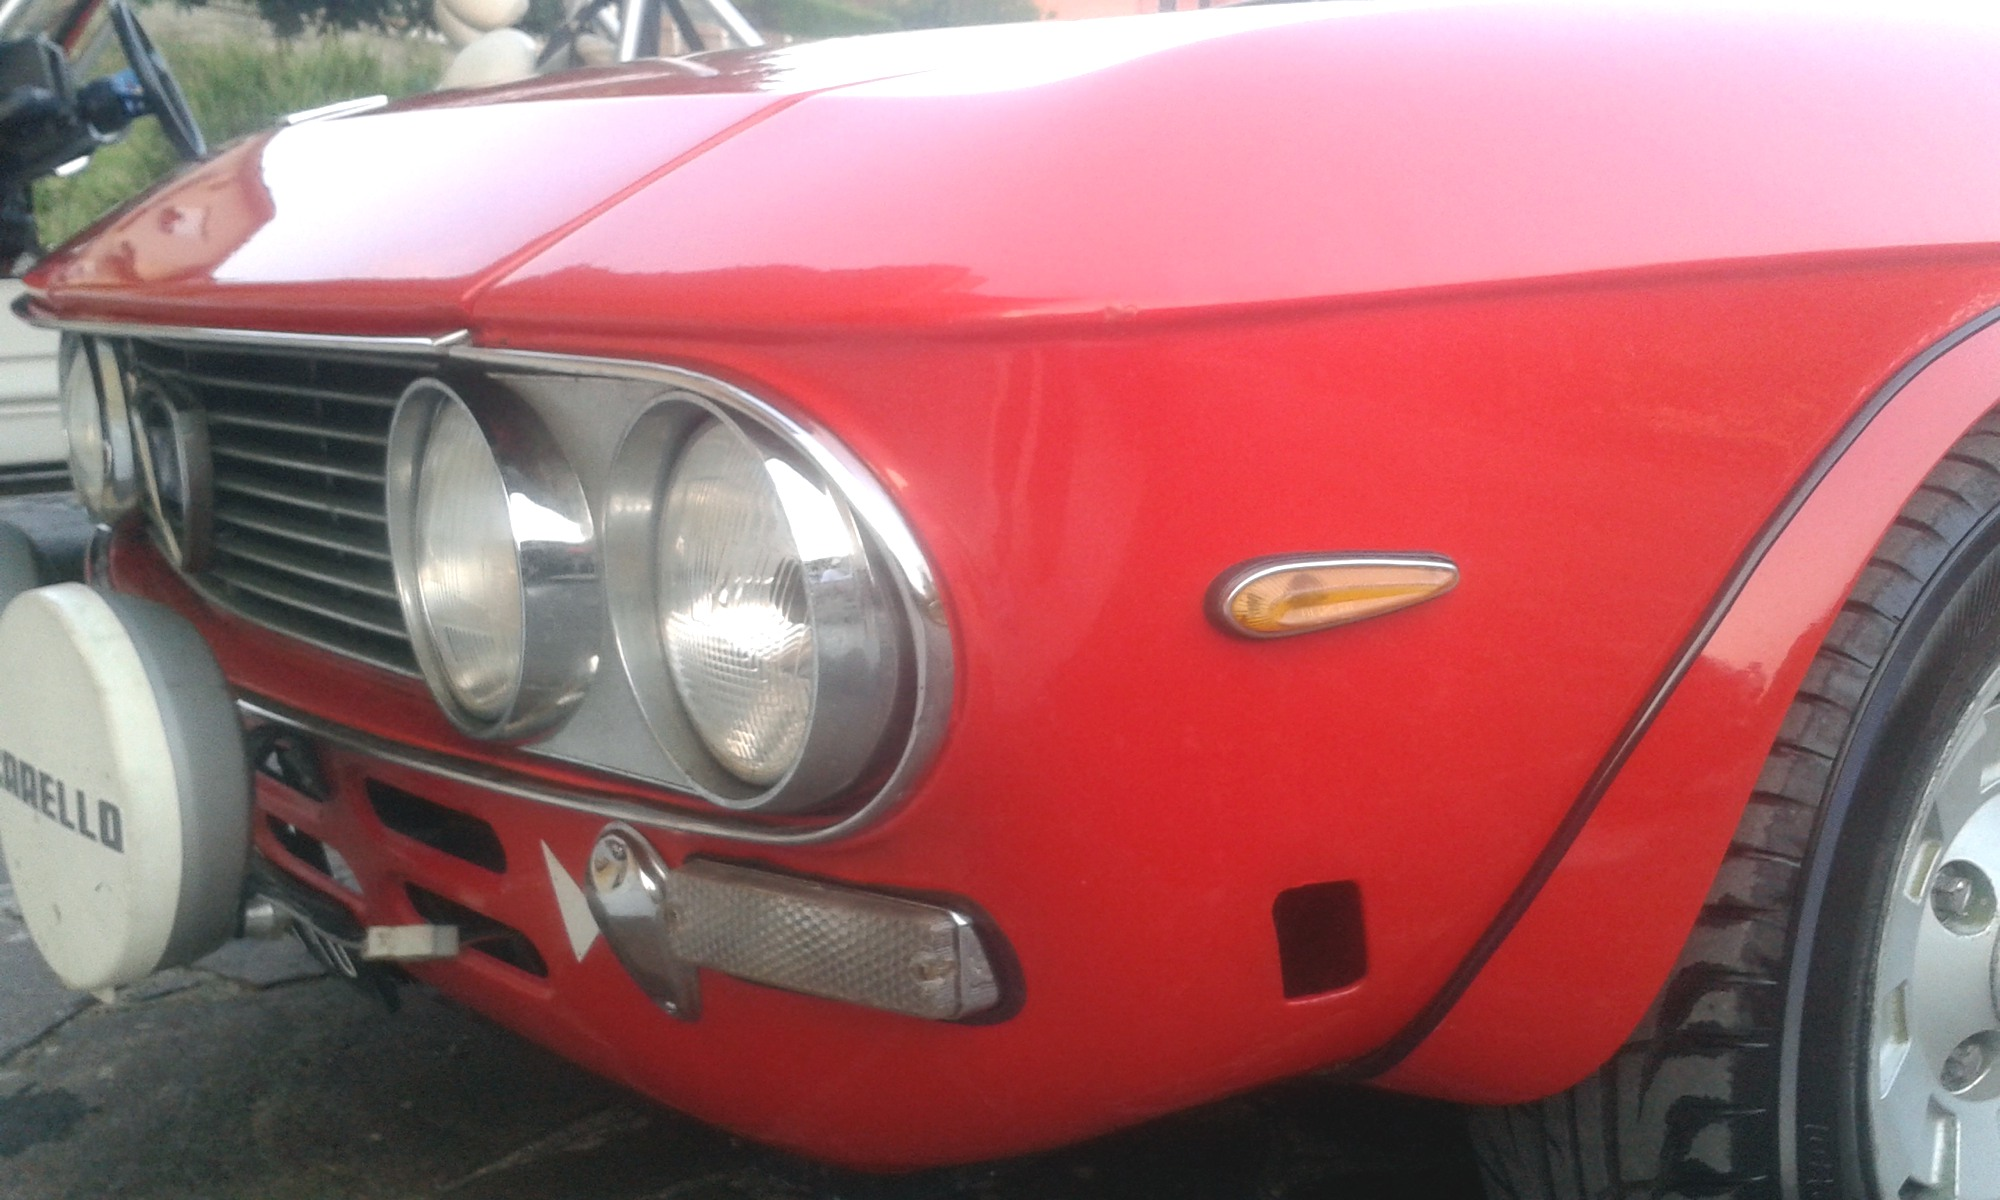 Fulvia HF 1600 Corsa - Vado in Classica